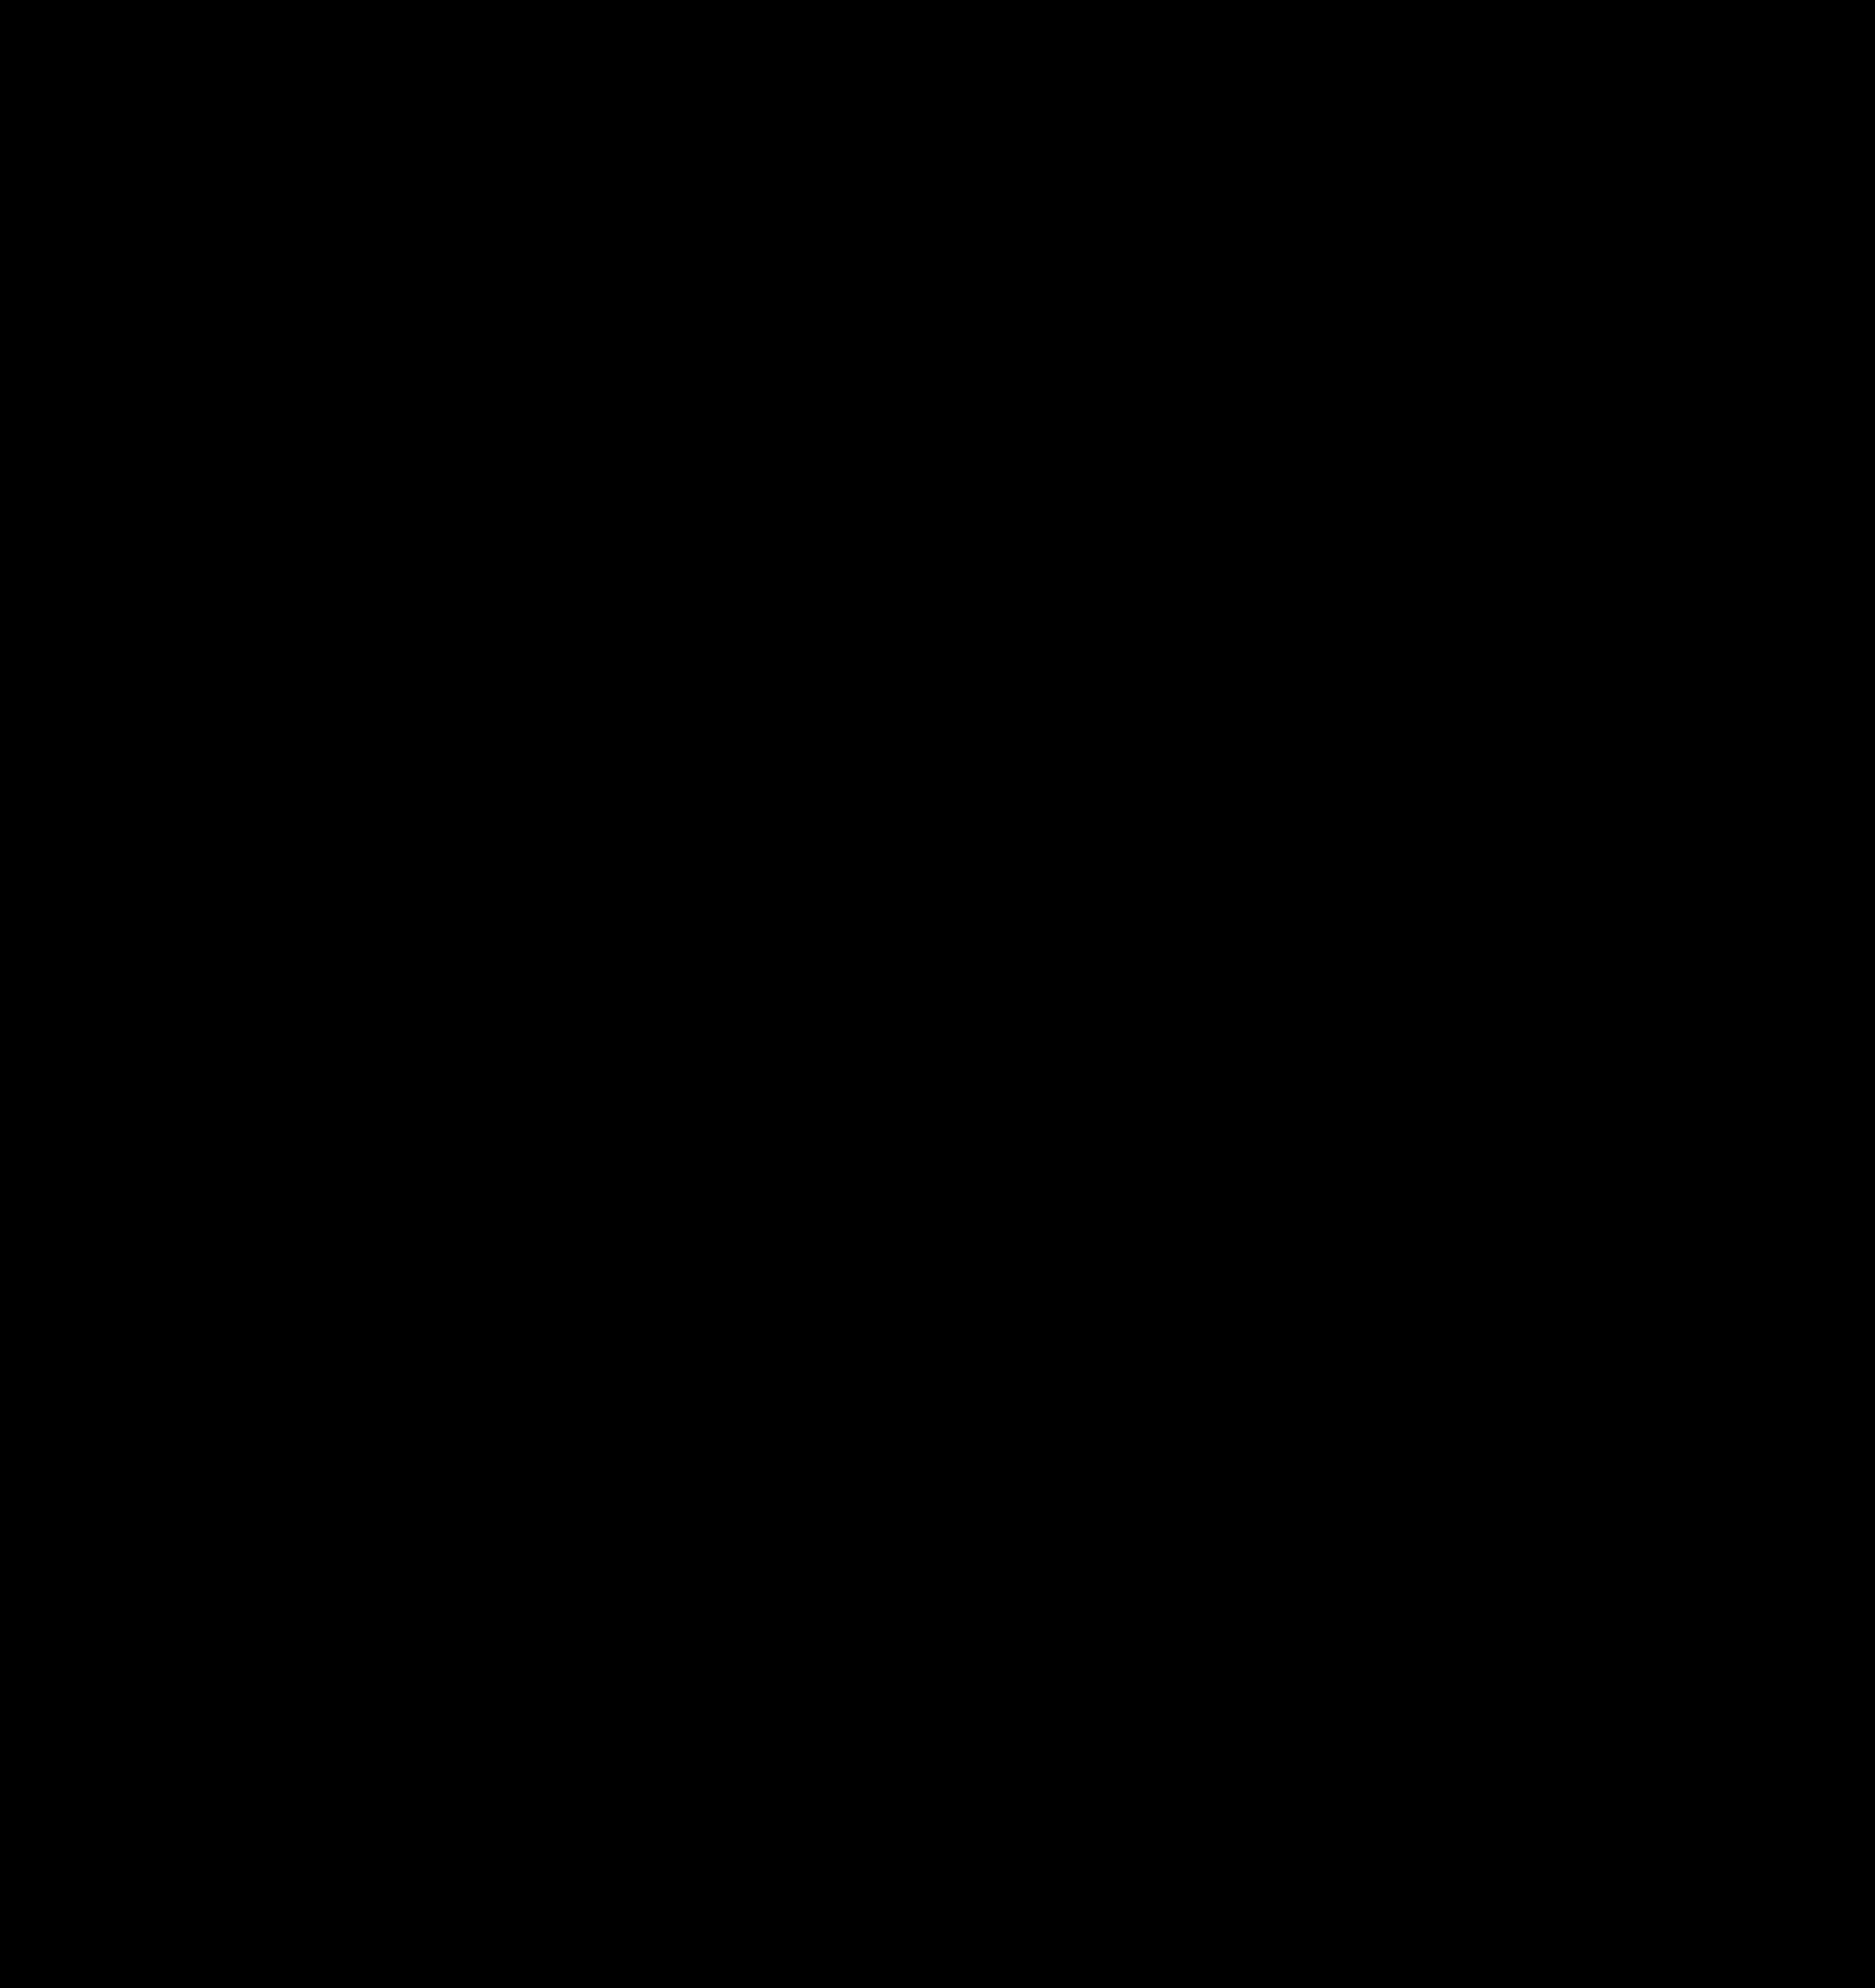 PNG Kneeling - 43390